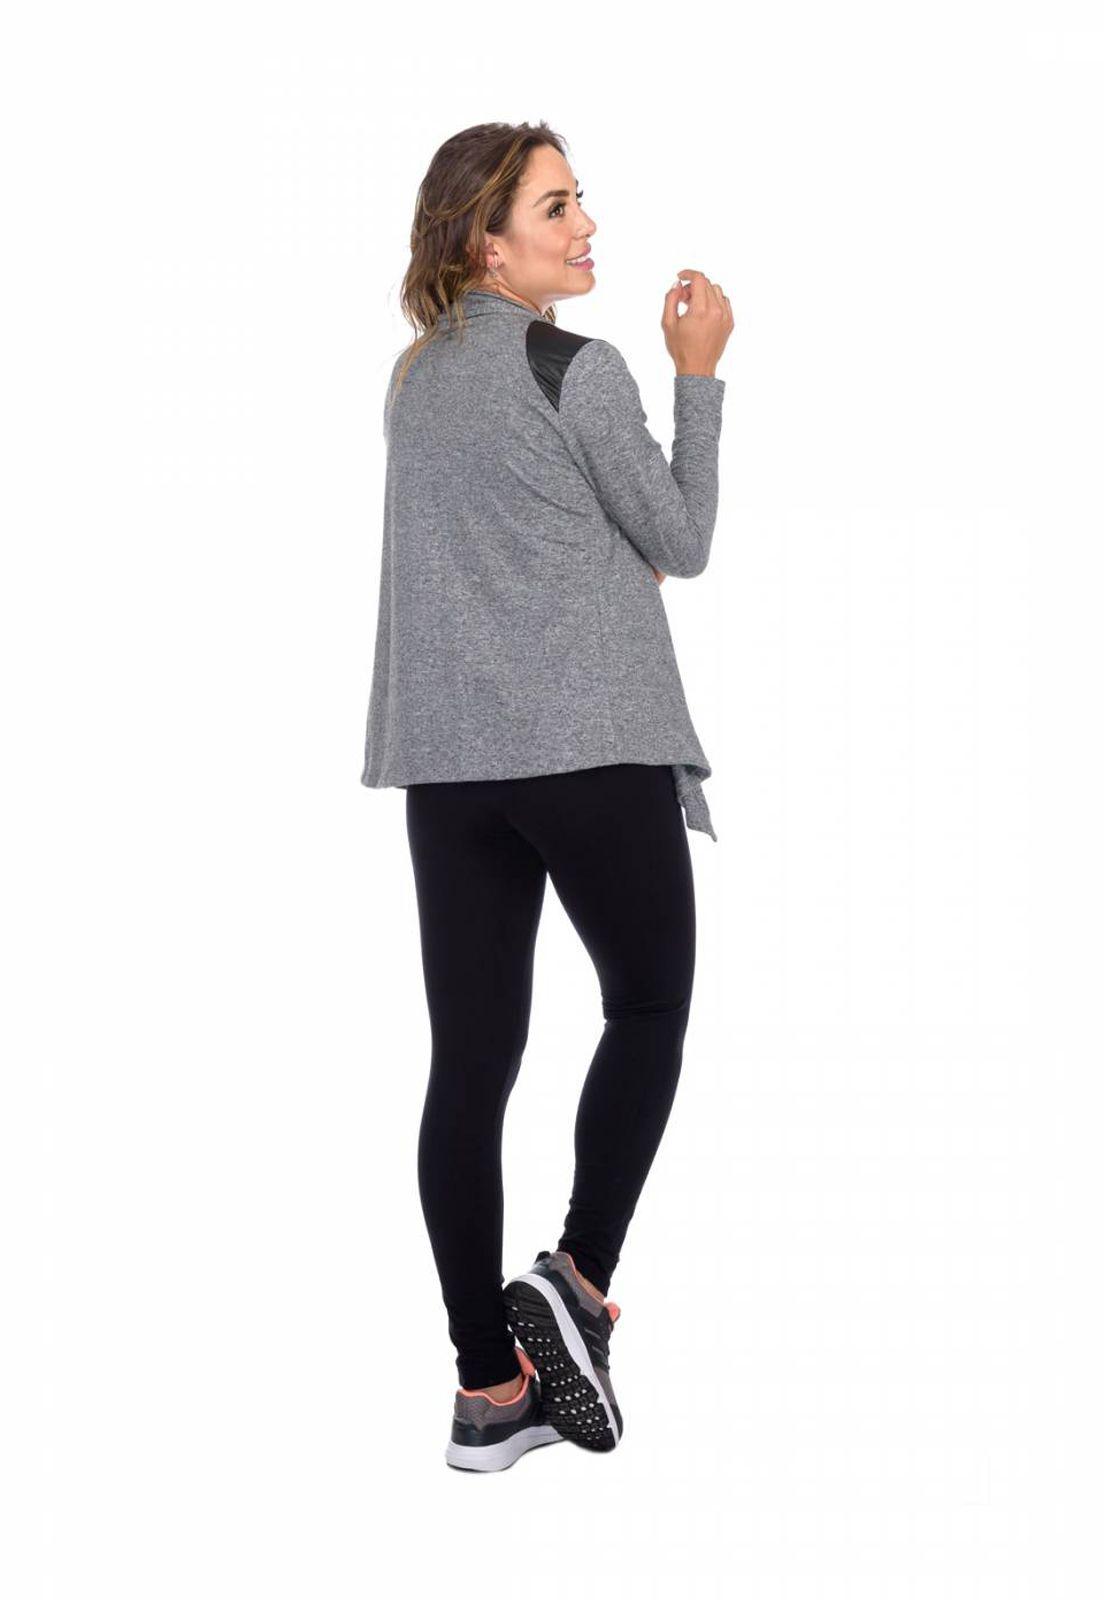 Cardigan Flavia Donadio Beachwear com recorte no ombro cinza escuro